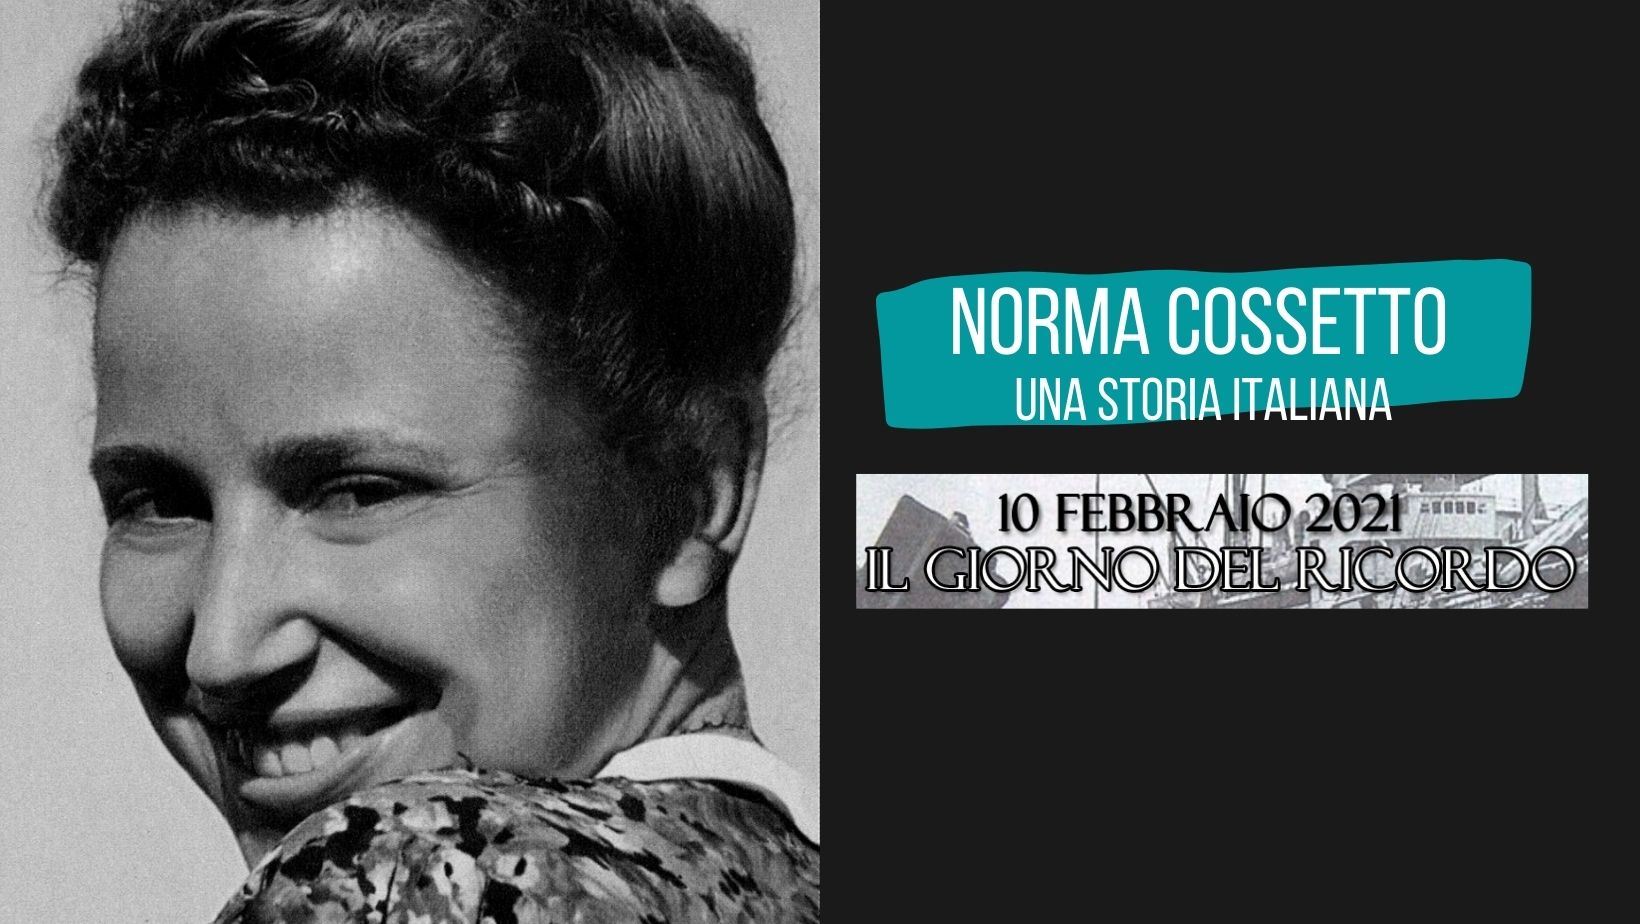 Norma Cossetto, una Storia Italiana